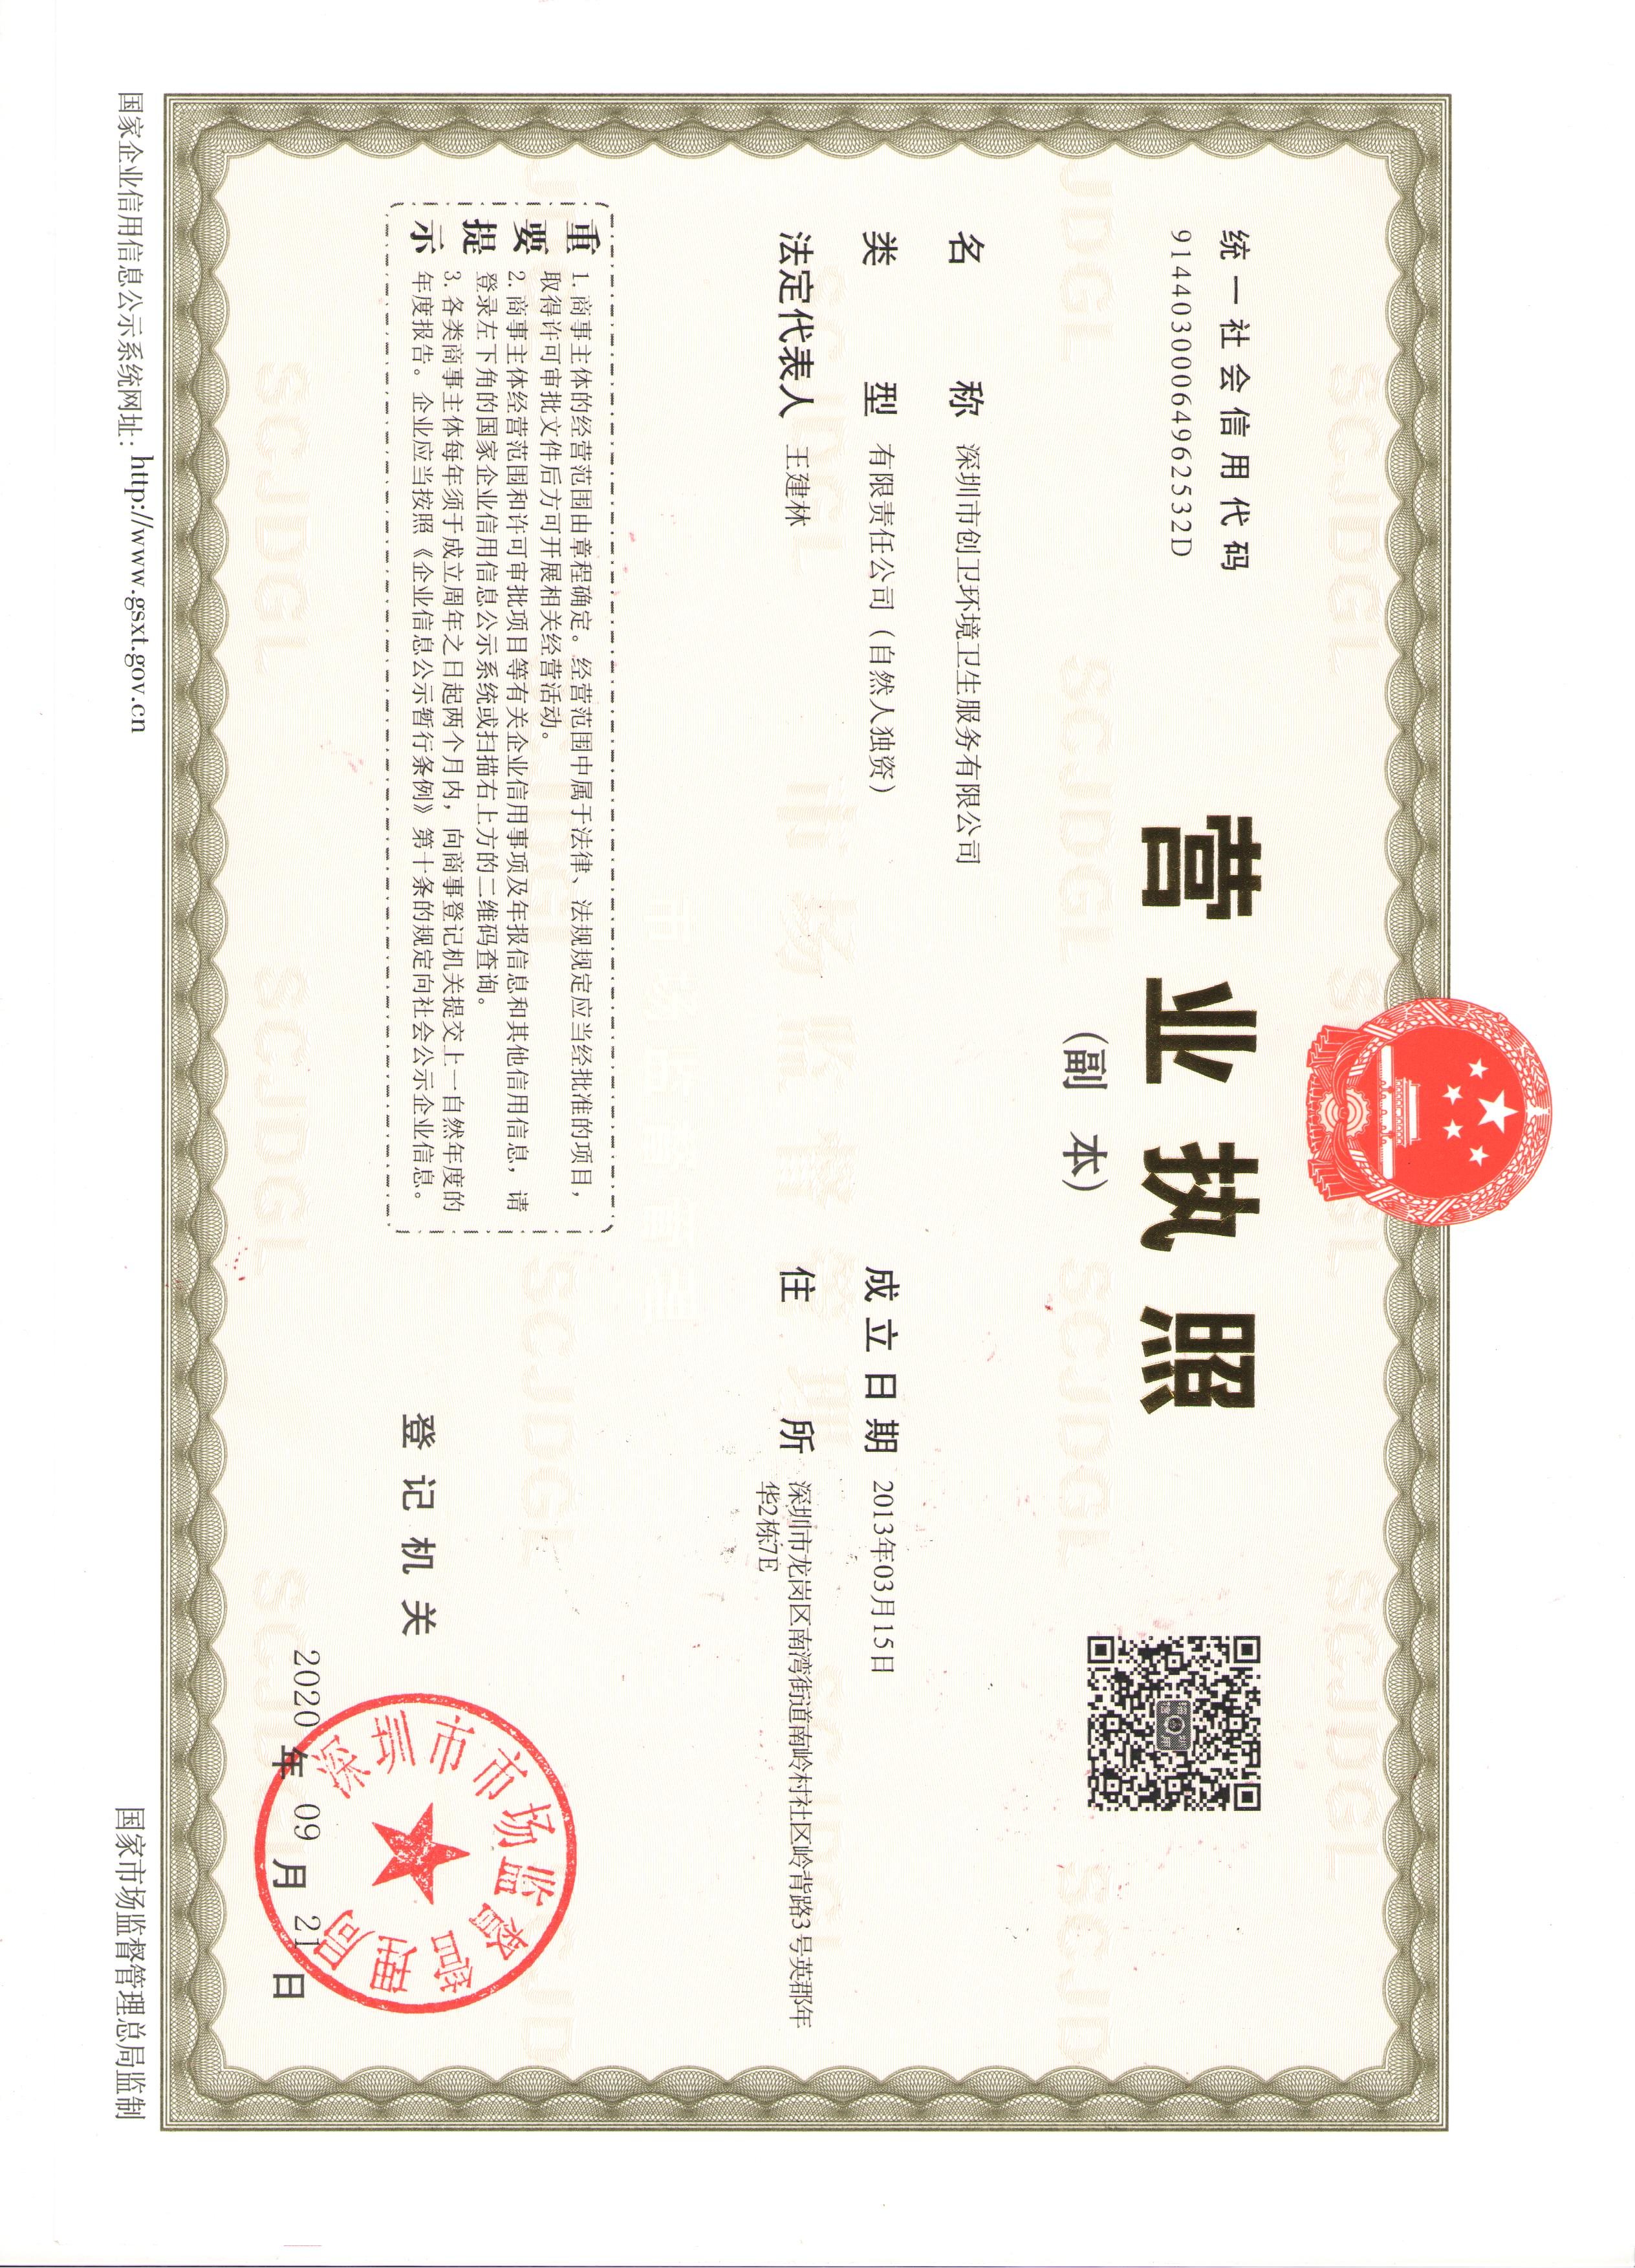 深圳消杀公司切实落实《广东省病媒生物预防控制管理规定》 公司新闻